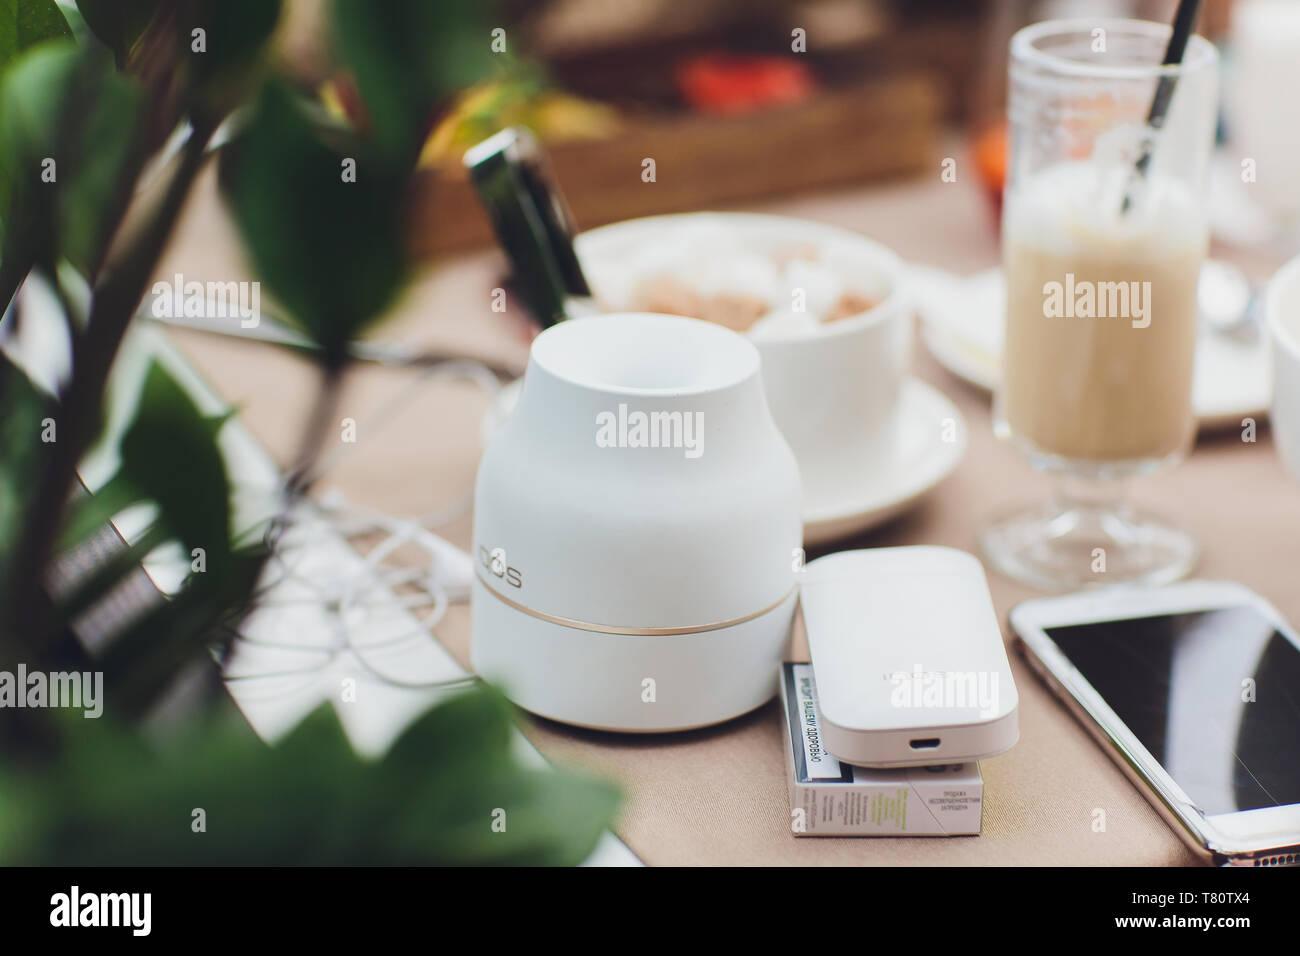 Ufa, Russia - April 11, 2019: E-cigarette accessories stick ashtray - Stock Image